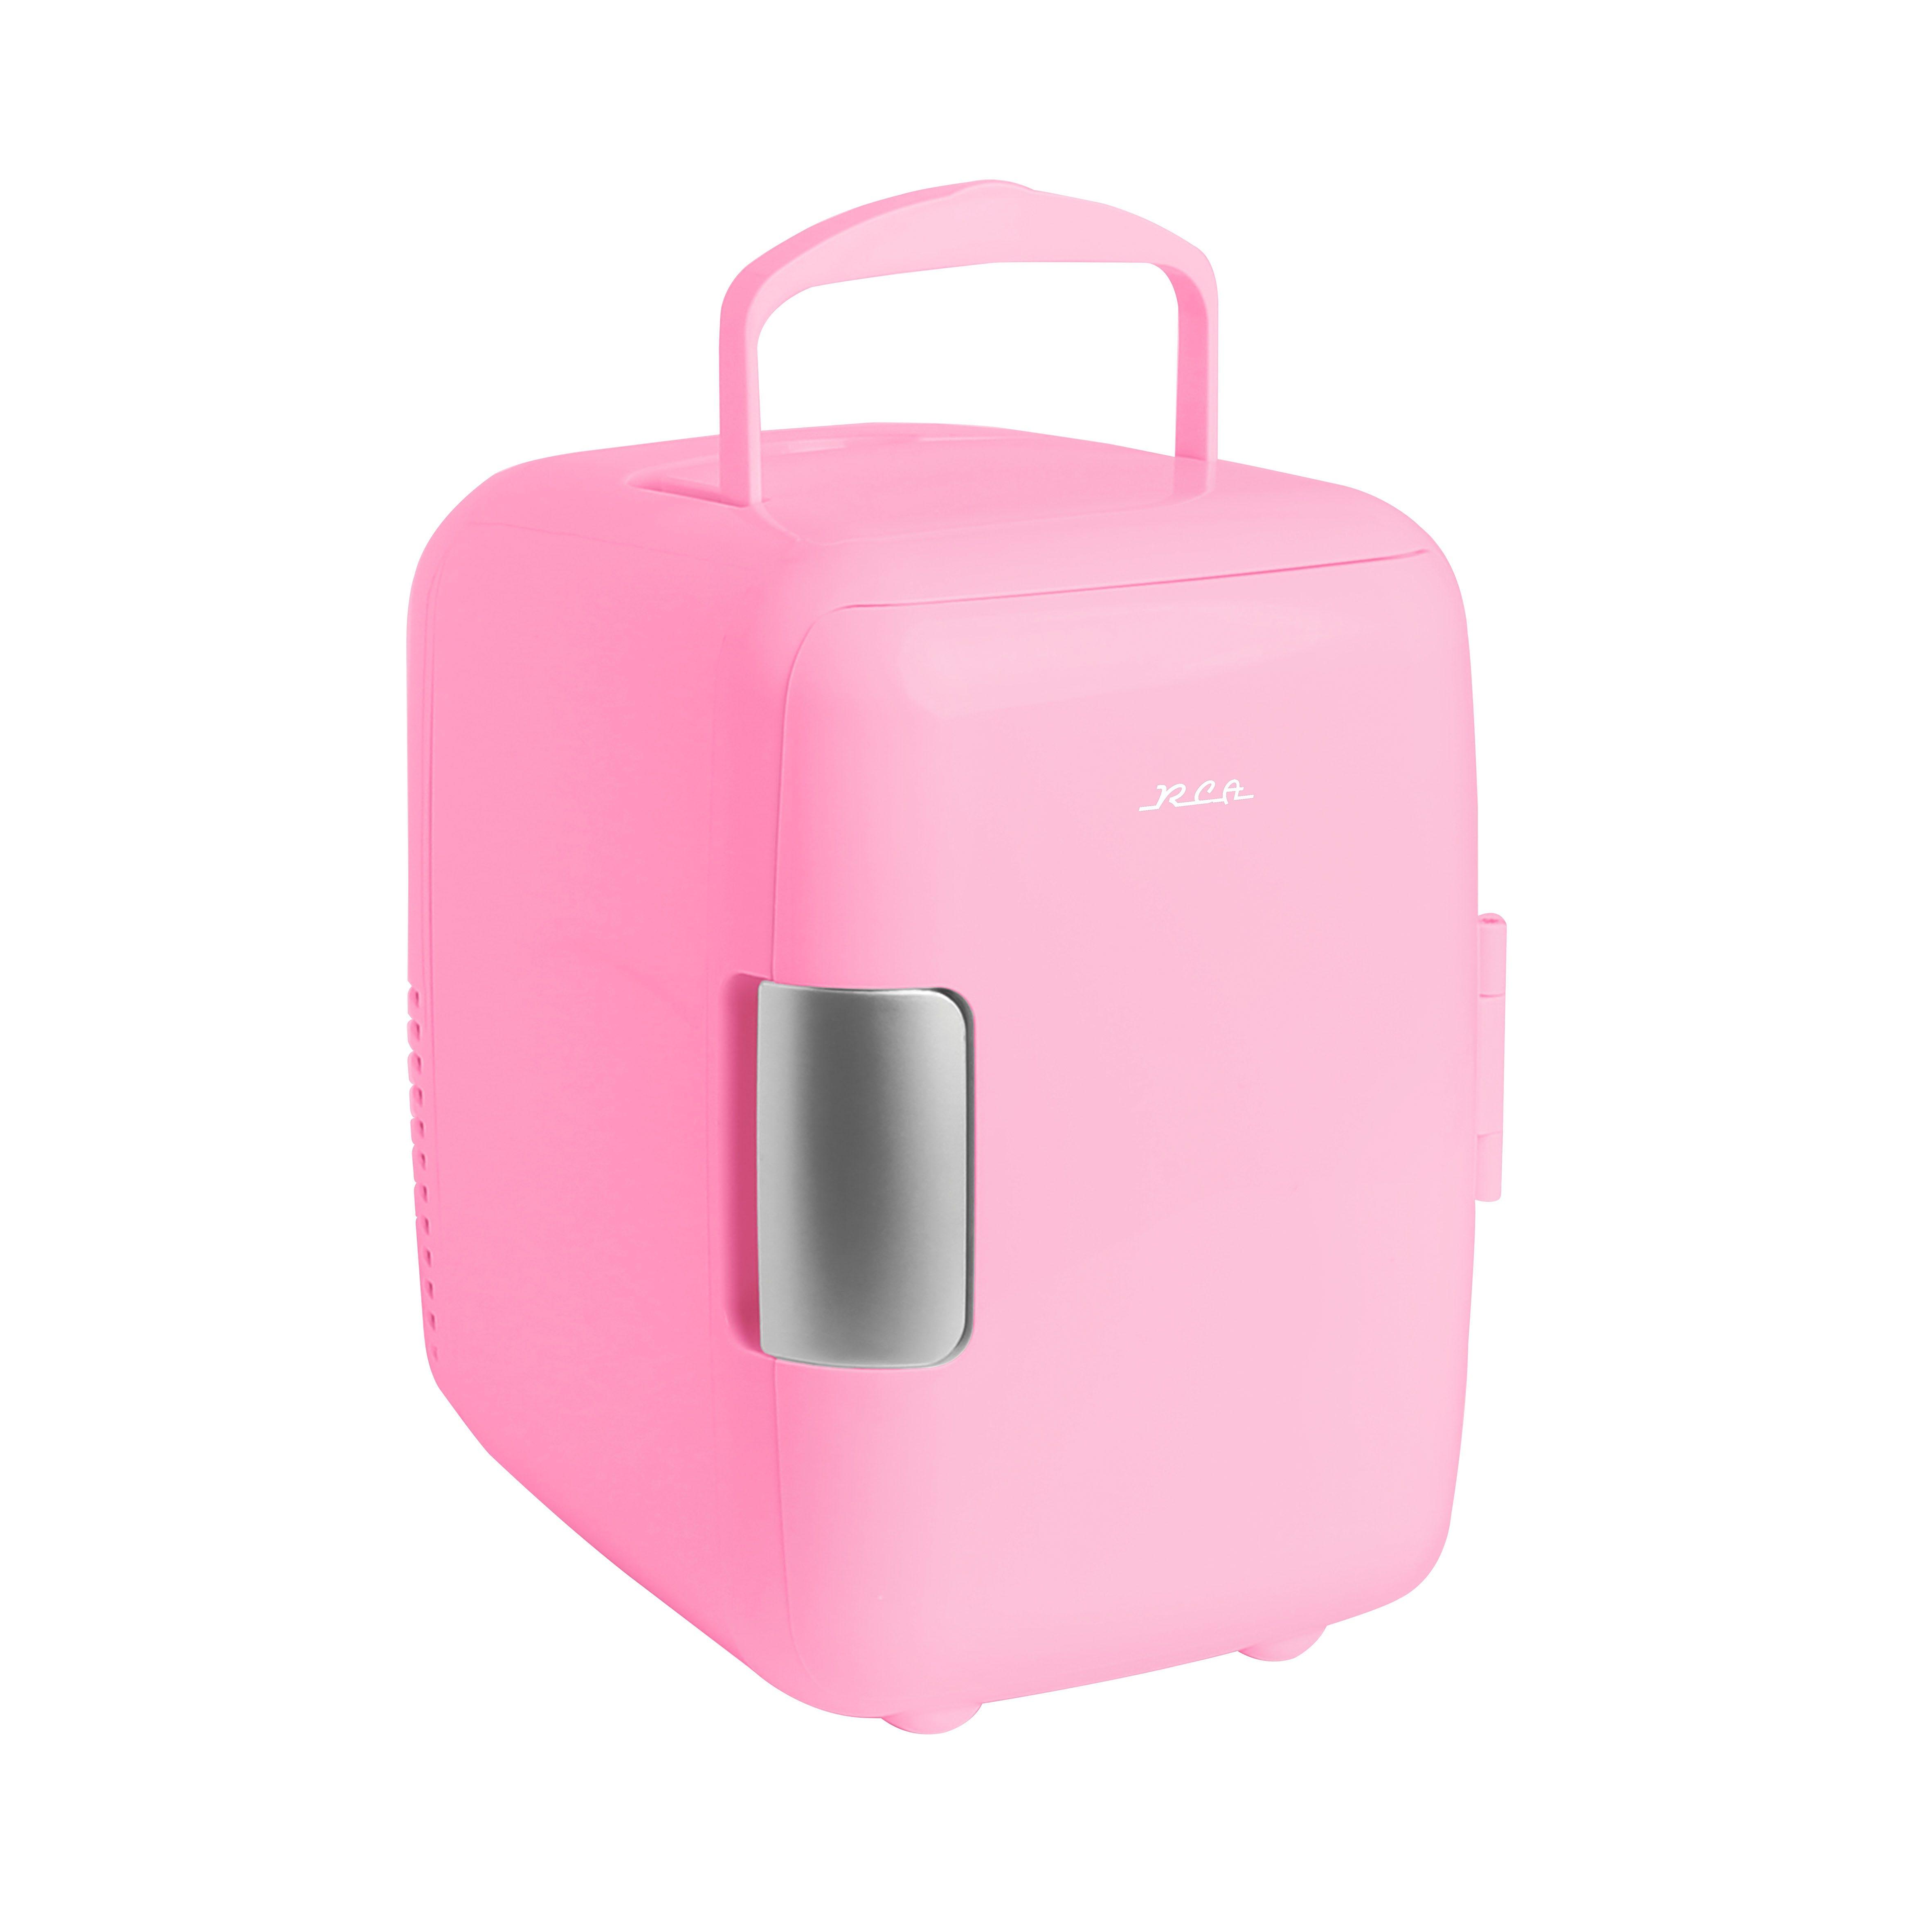 Mini refrigerador RCA® en rosa